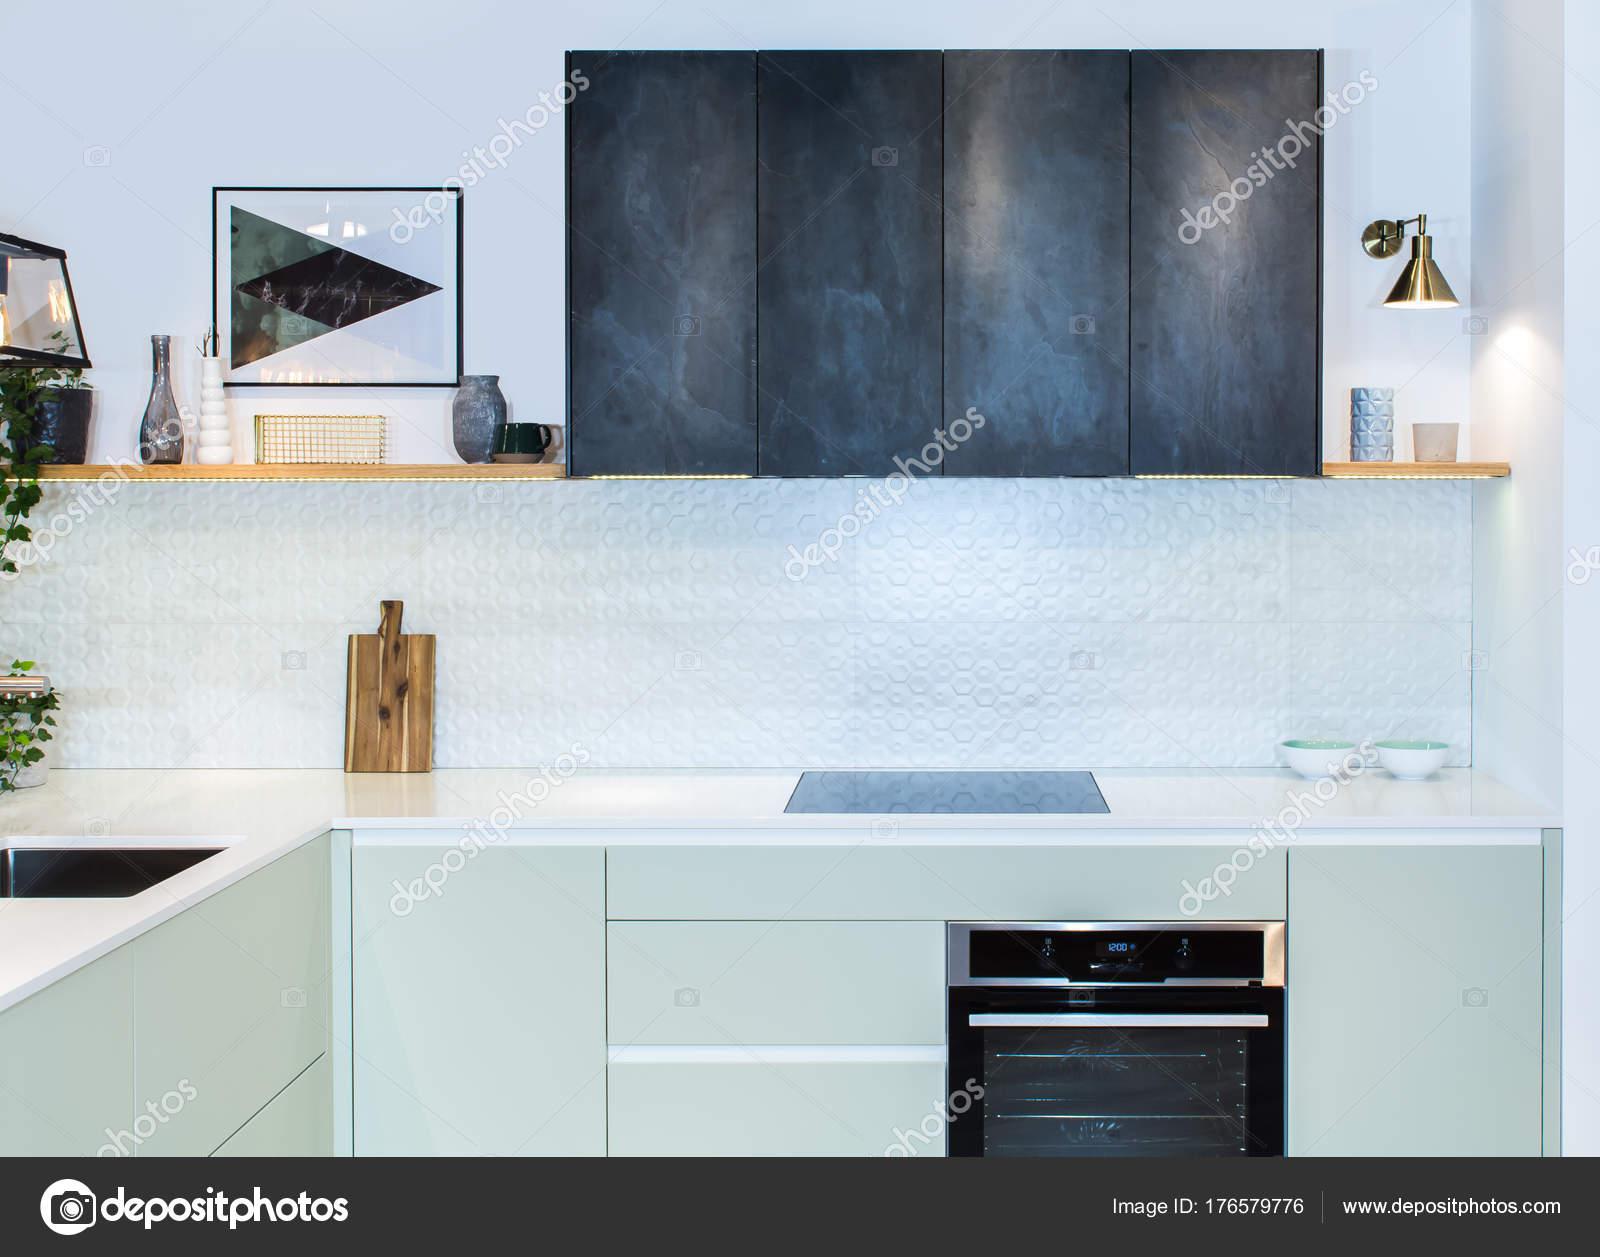 Interior Casa Moderna Vista Frontal Cocina Diseño Moderno Una Luz ...